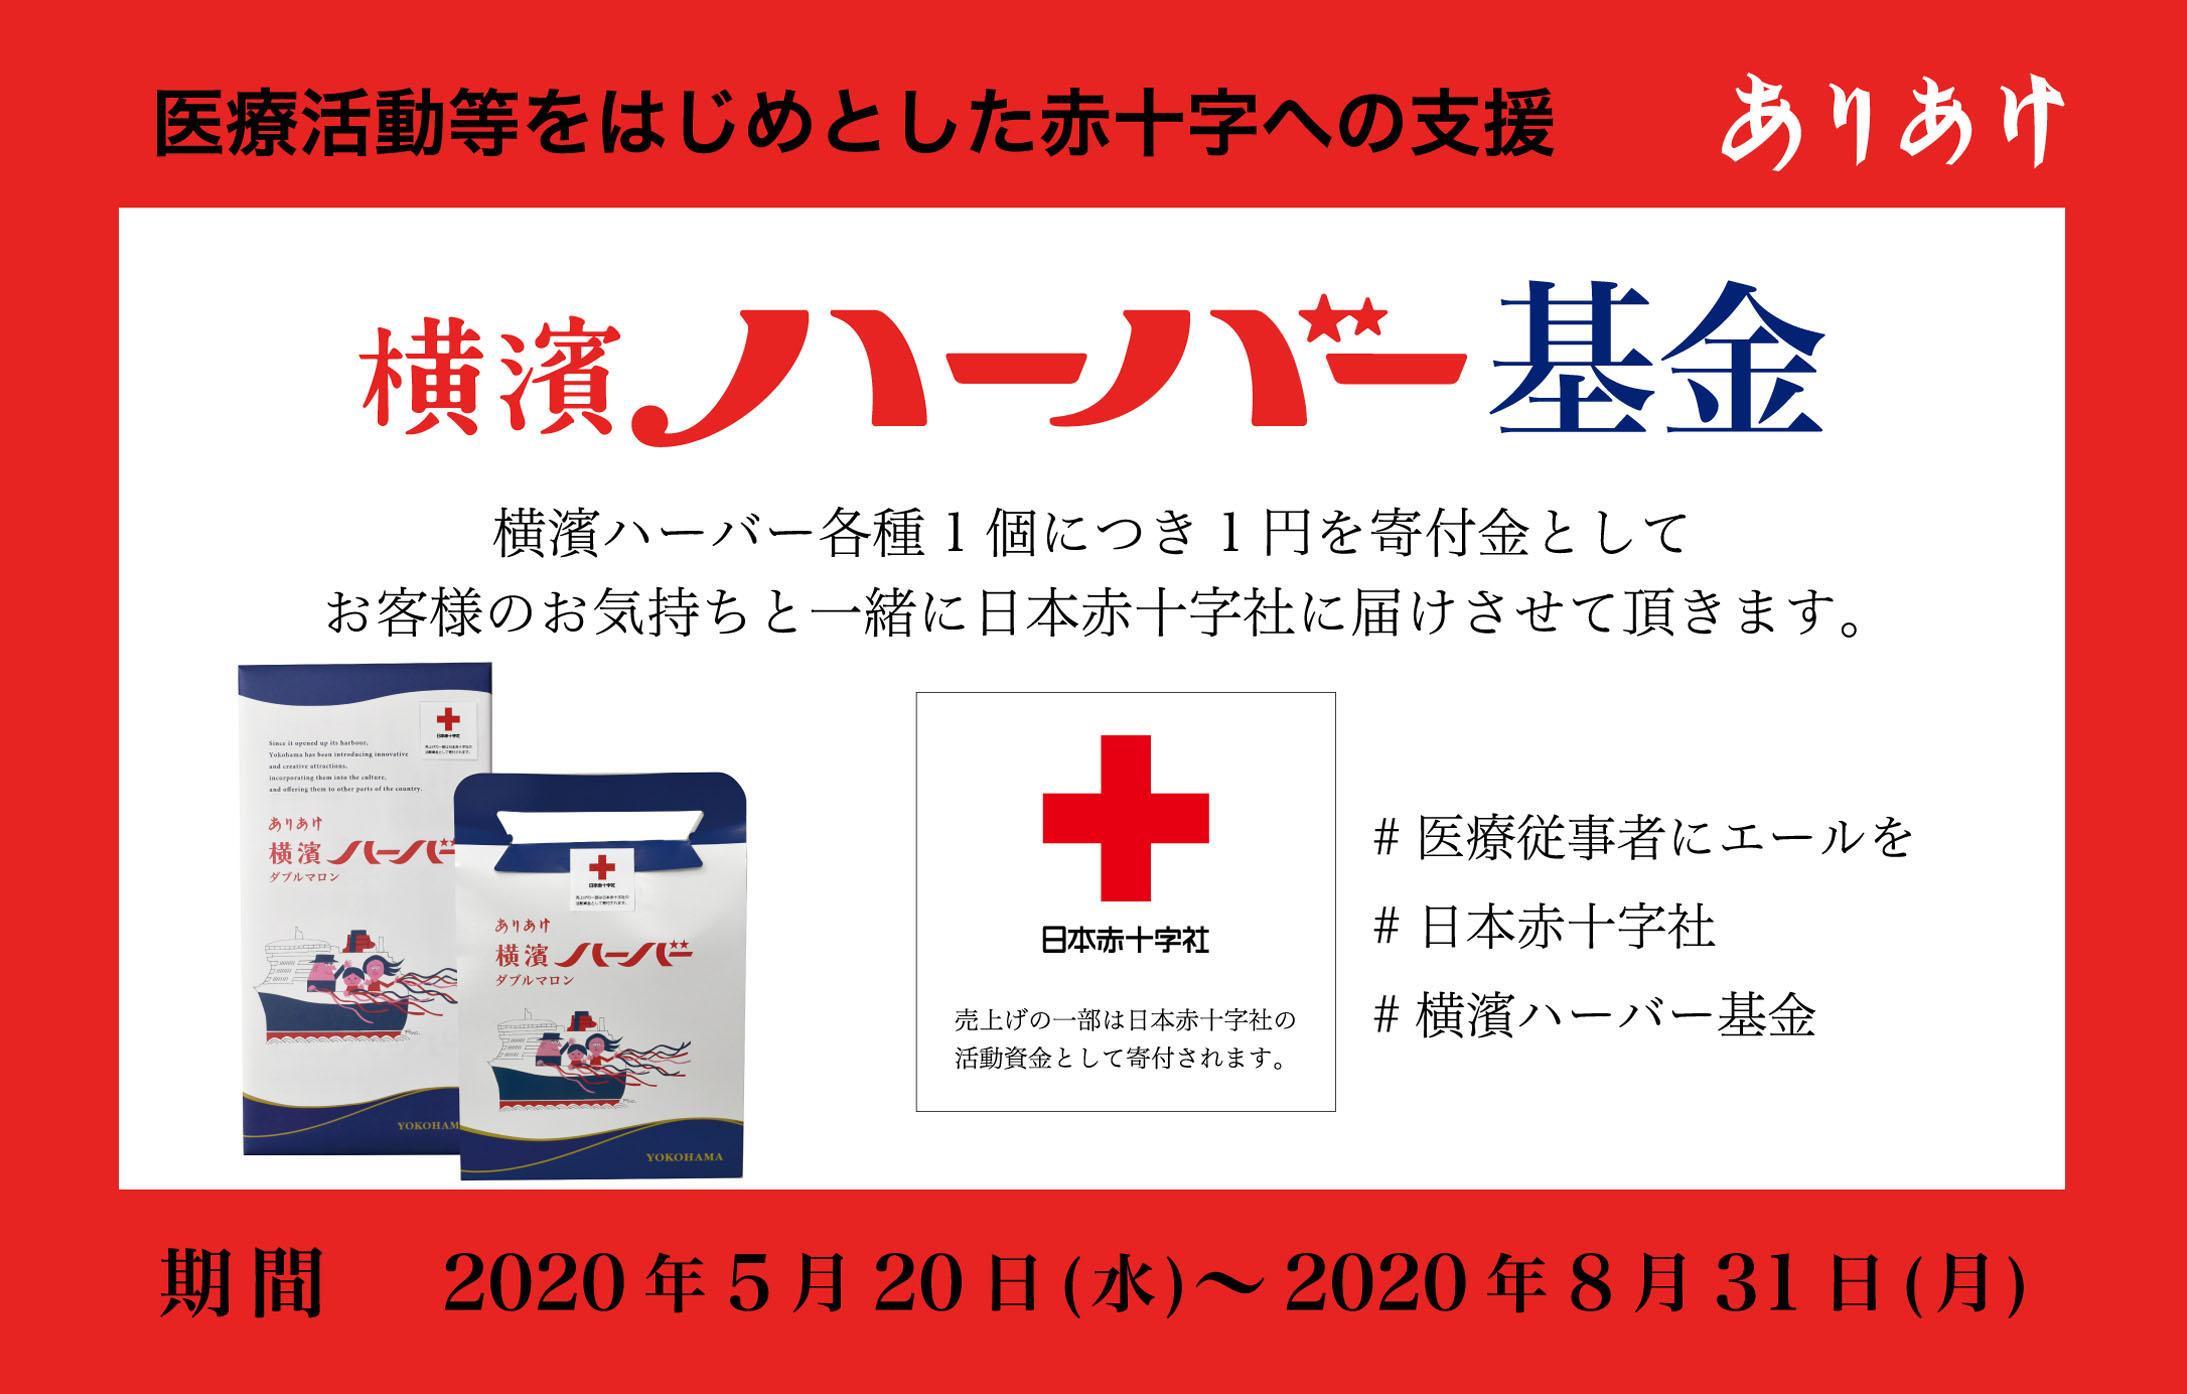 2020年5月20日 お客様のお気持ちと共に『横濱ハーバー基金』支援活動を行っております。